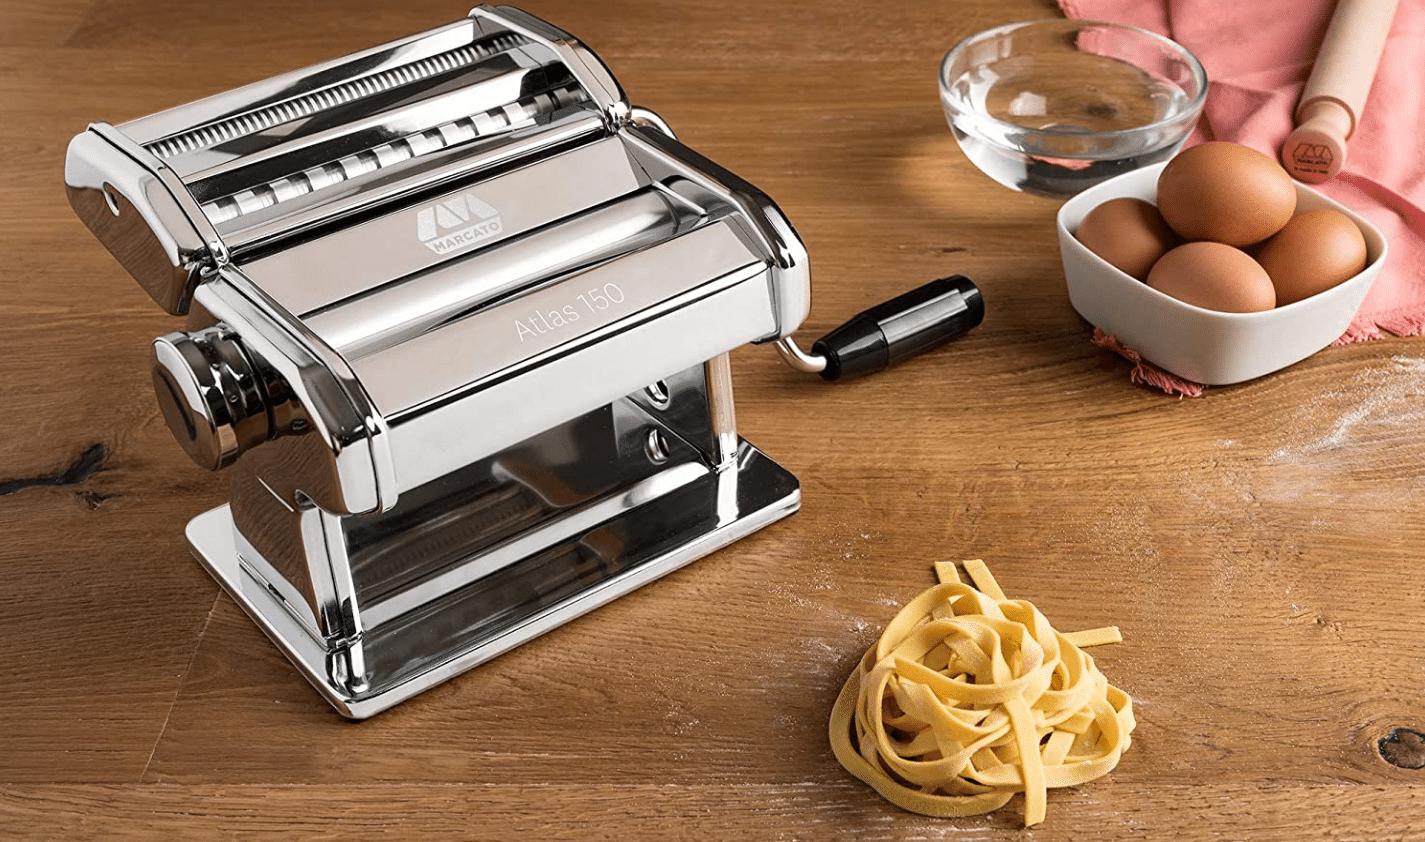 Conseils pour choisir sa machine à pâtes fraîches